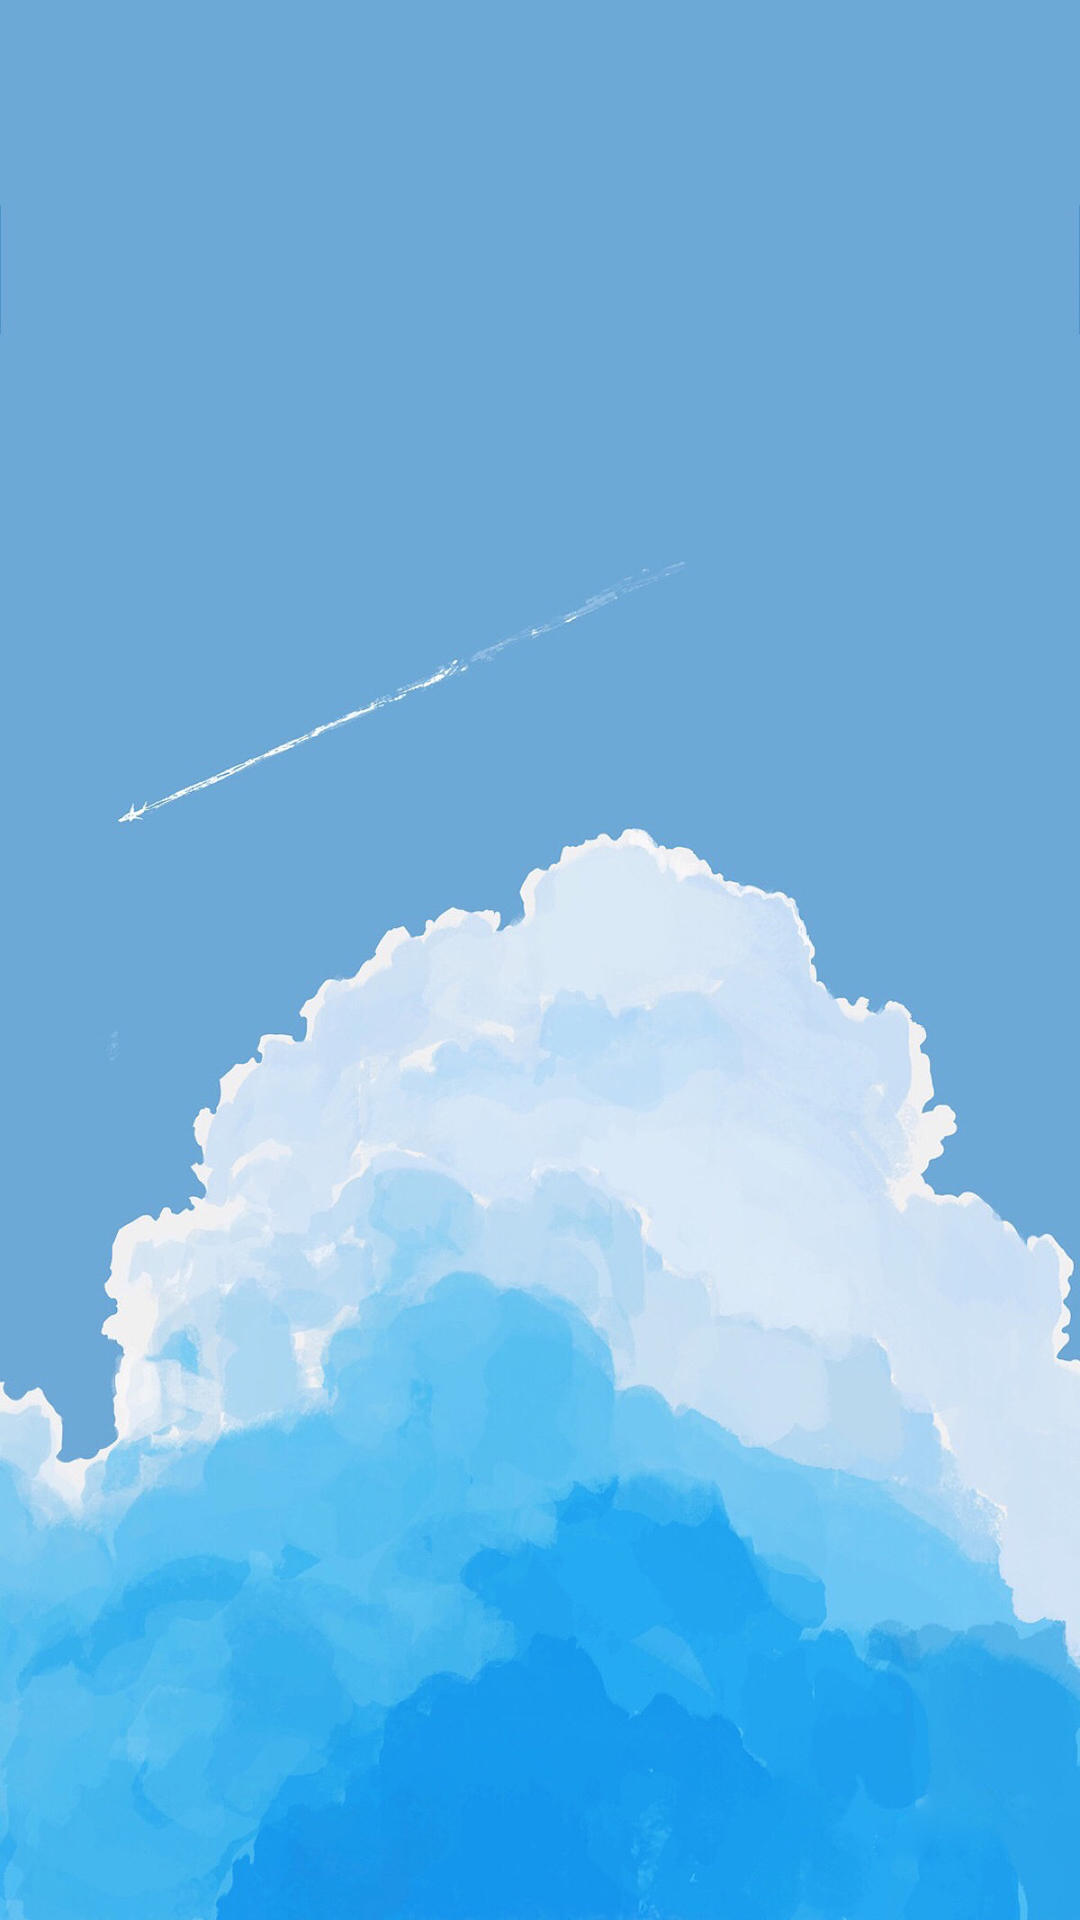 唯美天空动漫图片壁纸_WWW.QQYA.COM